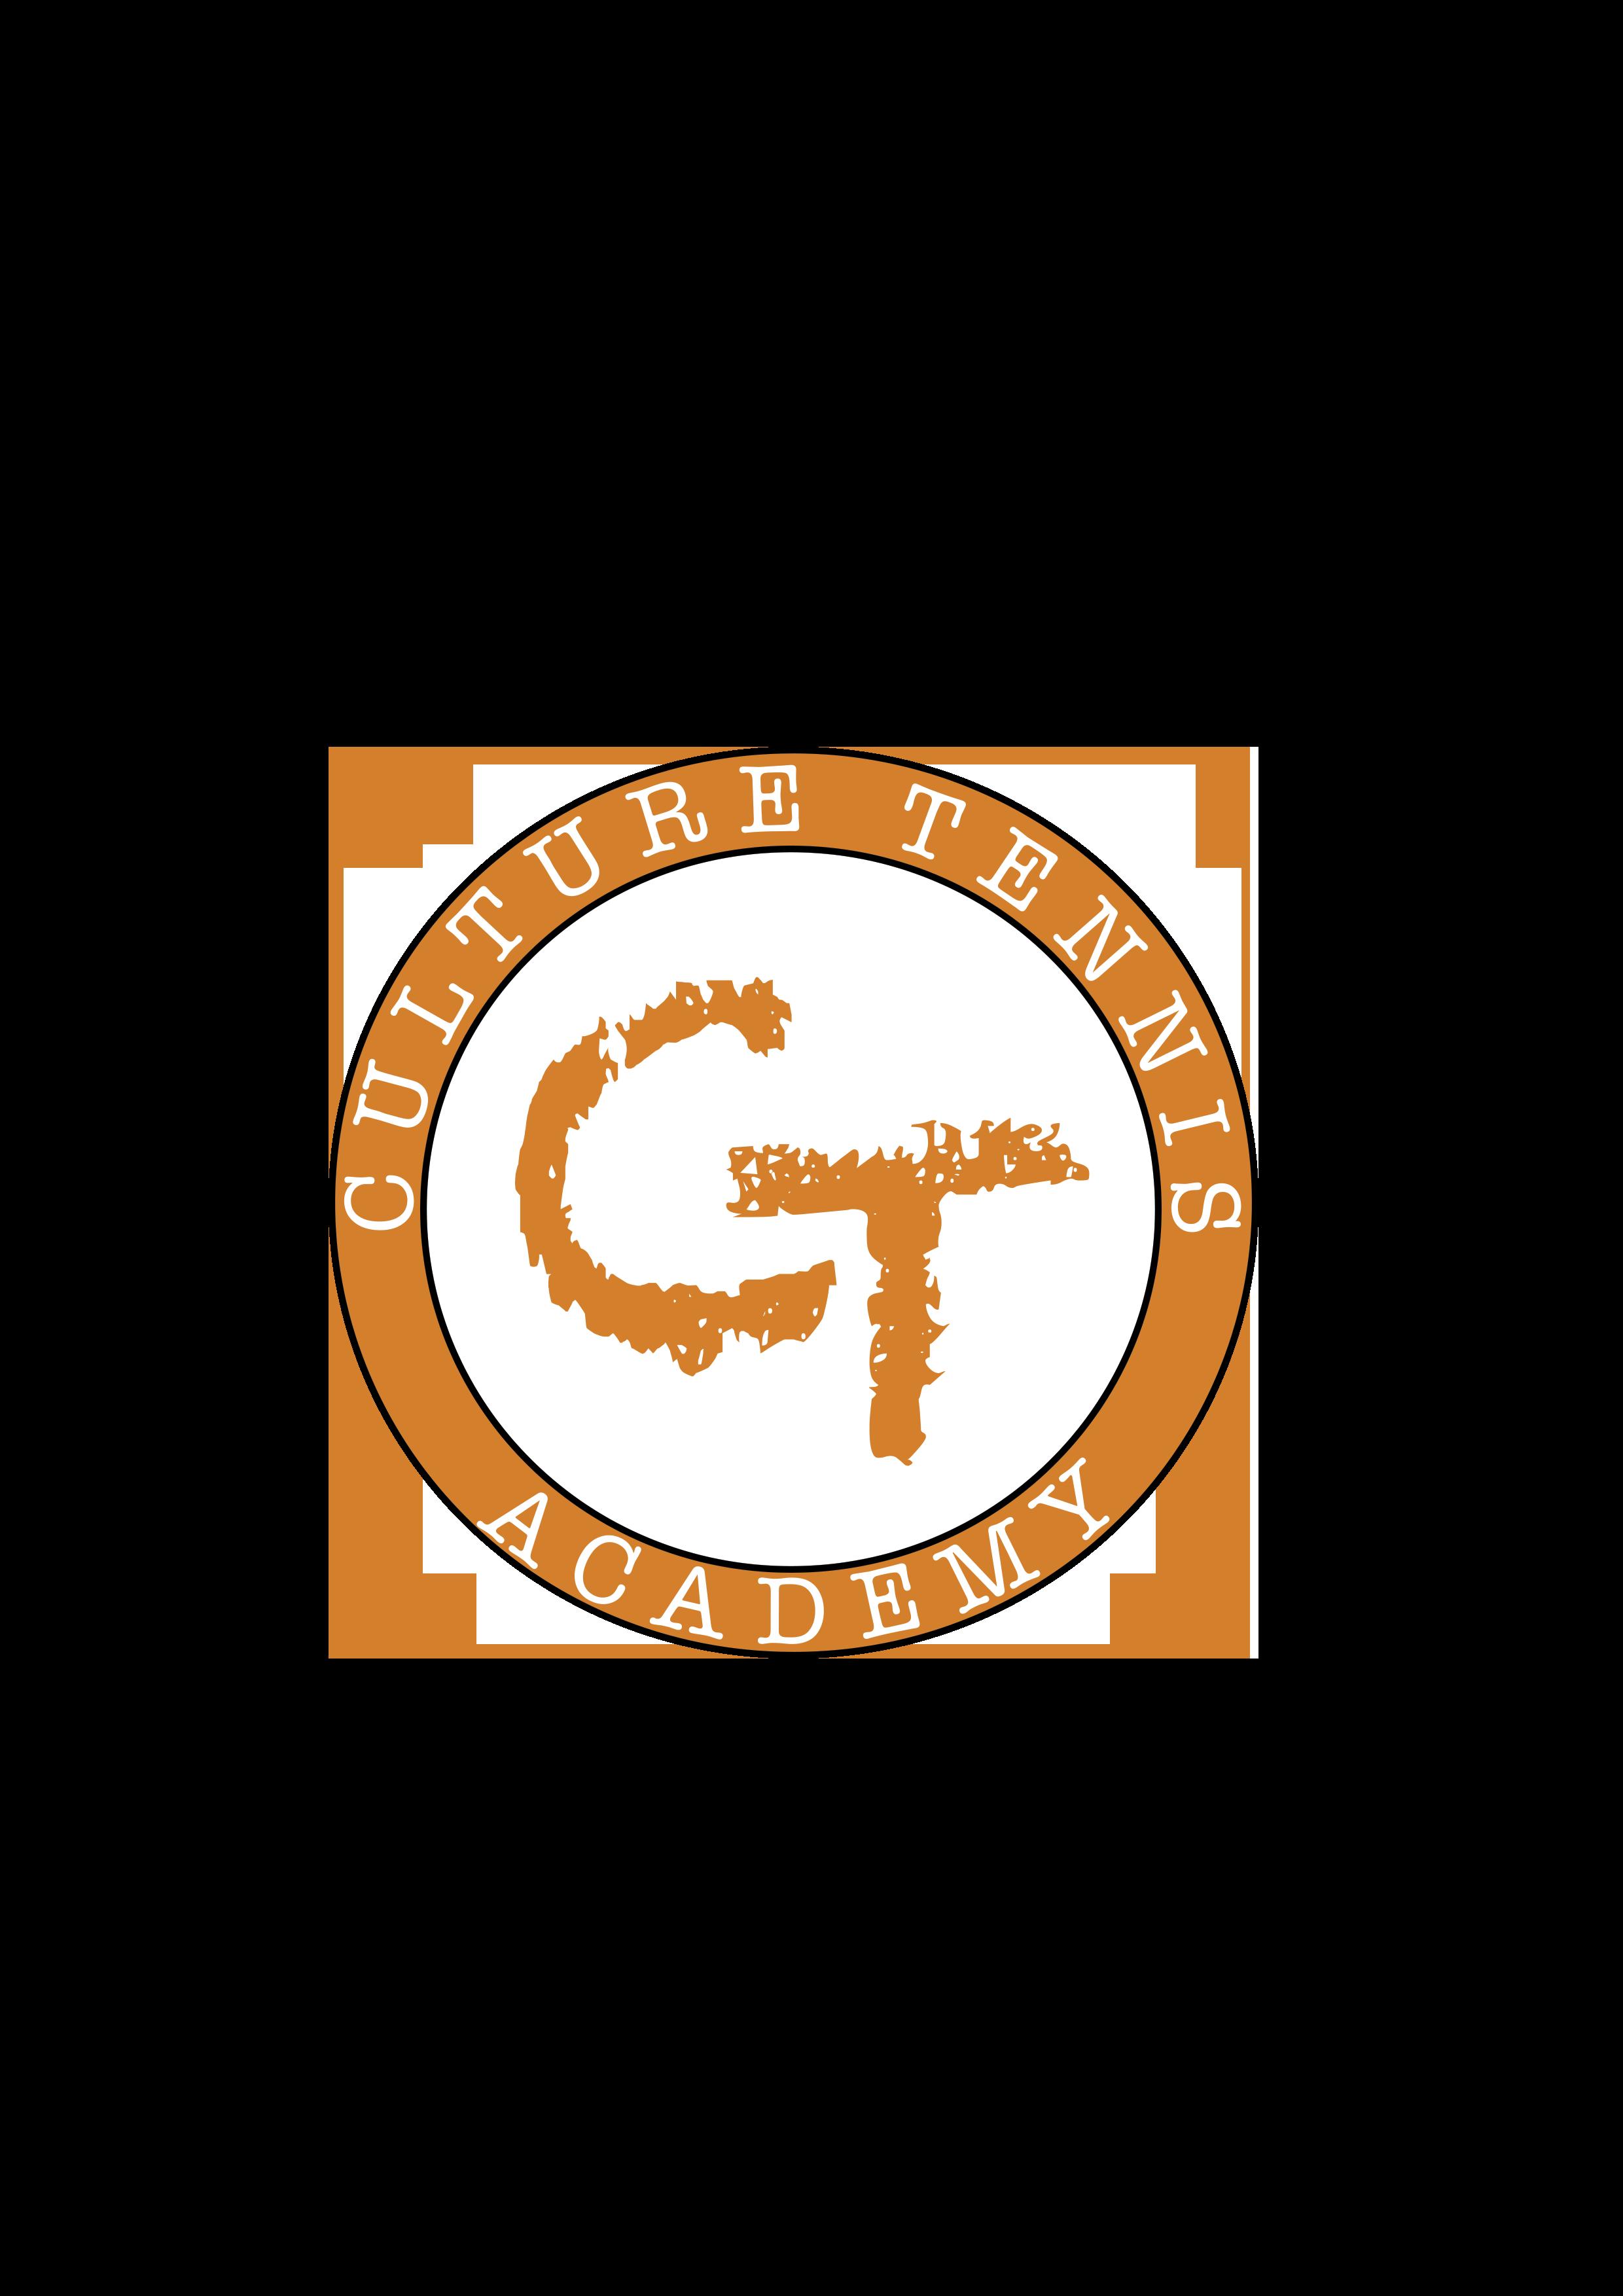 Logo ct b 1